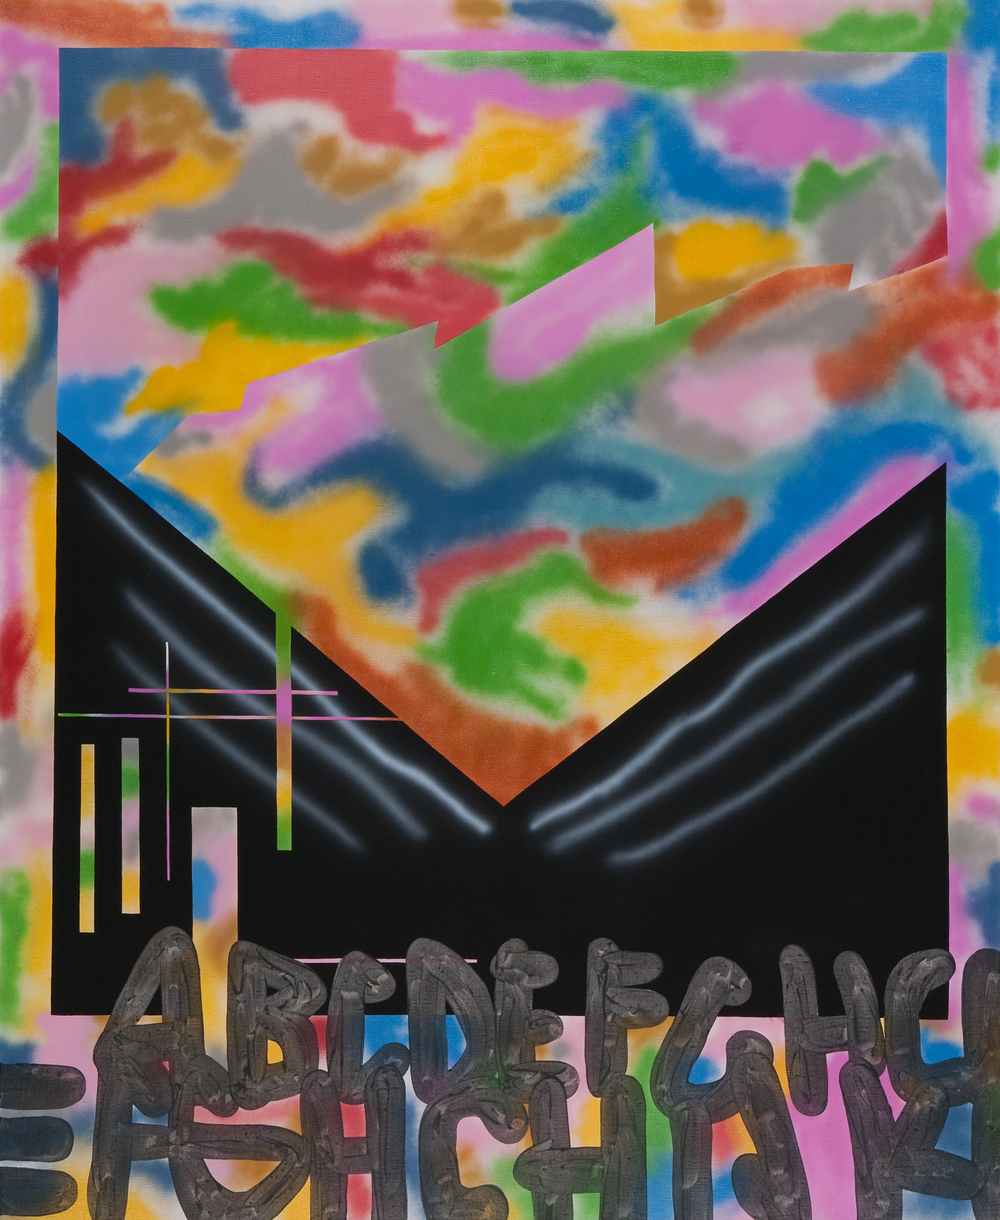 Ufo Club, 2009, acrylic, spray on canvas, 220 x 190 cm